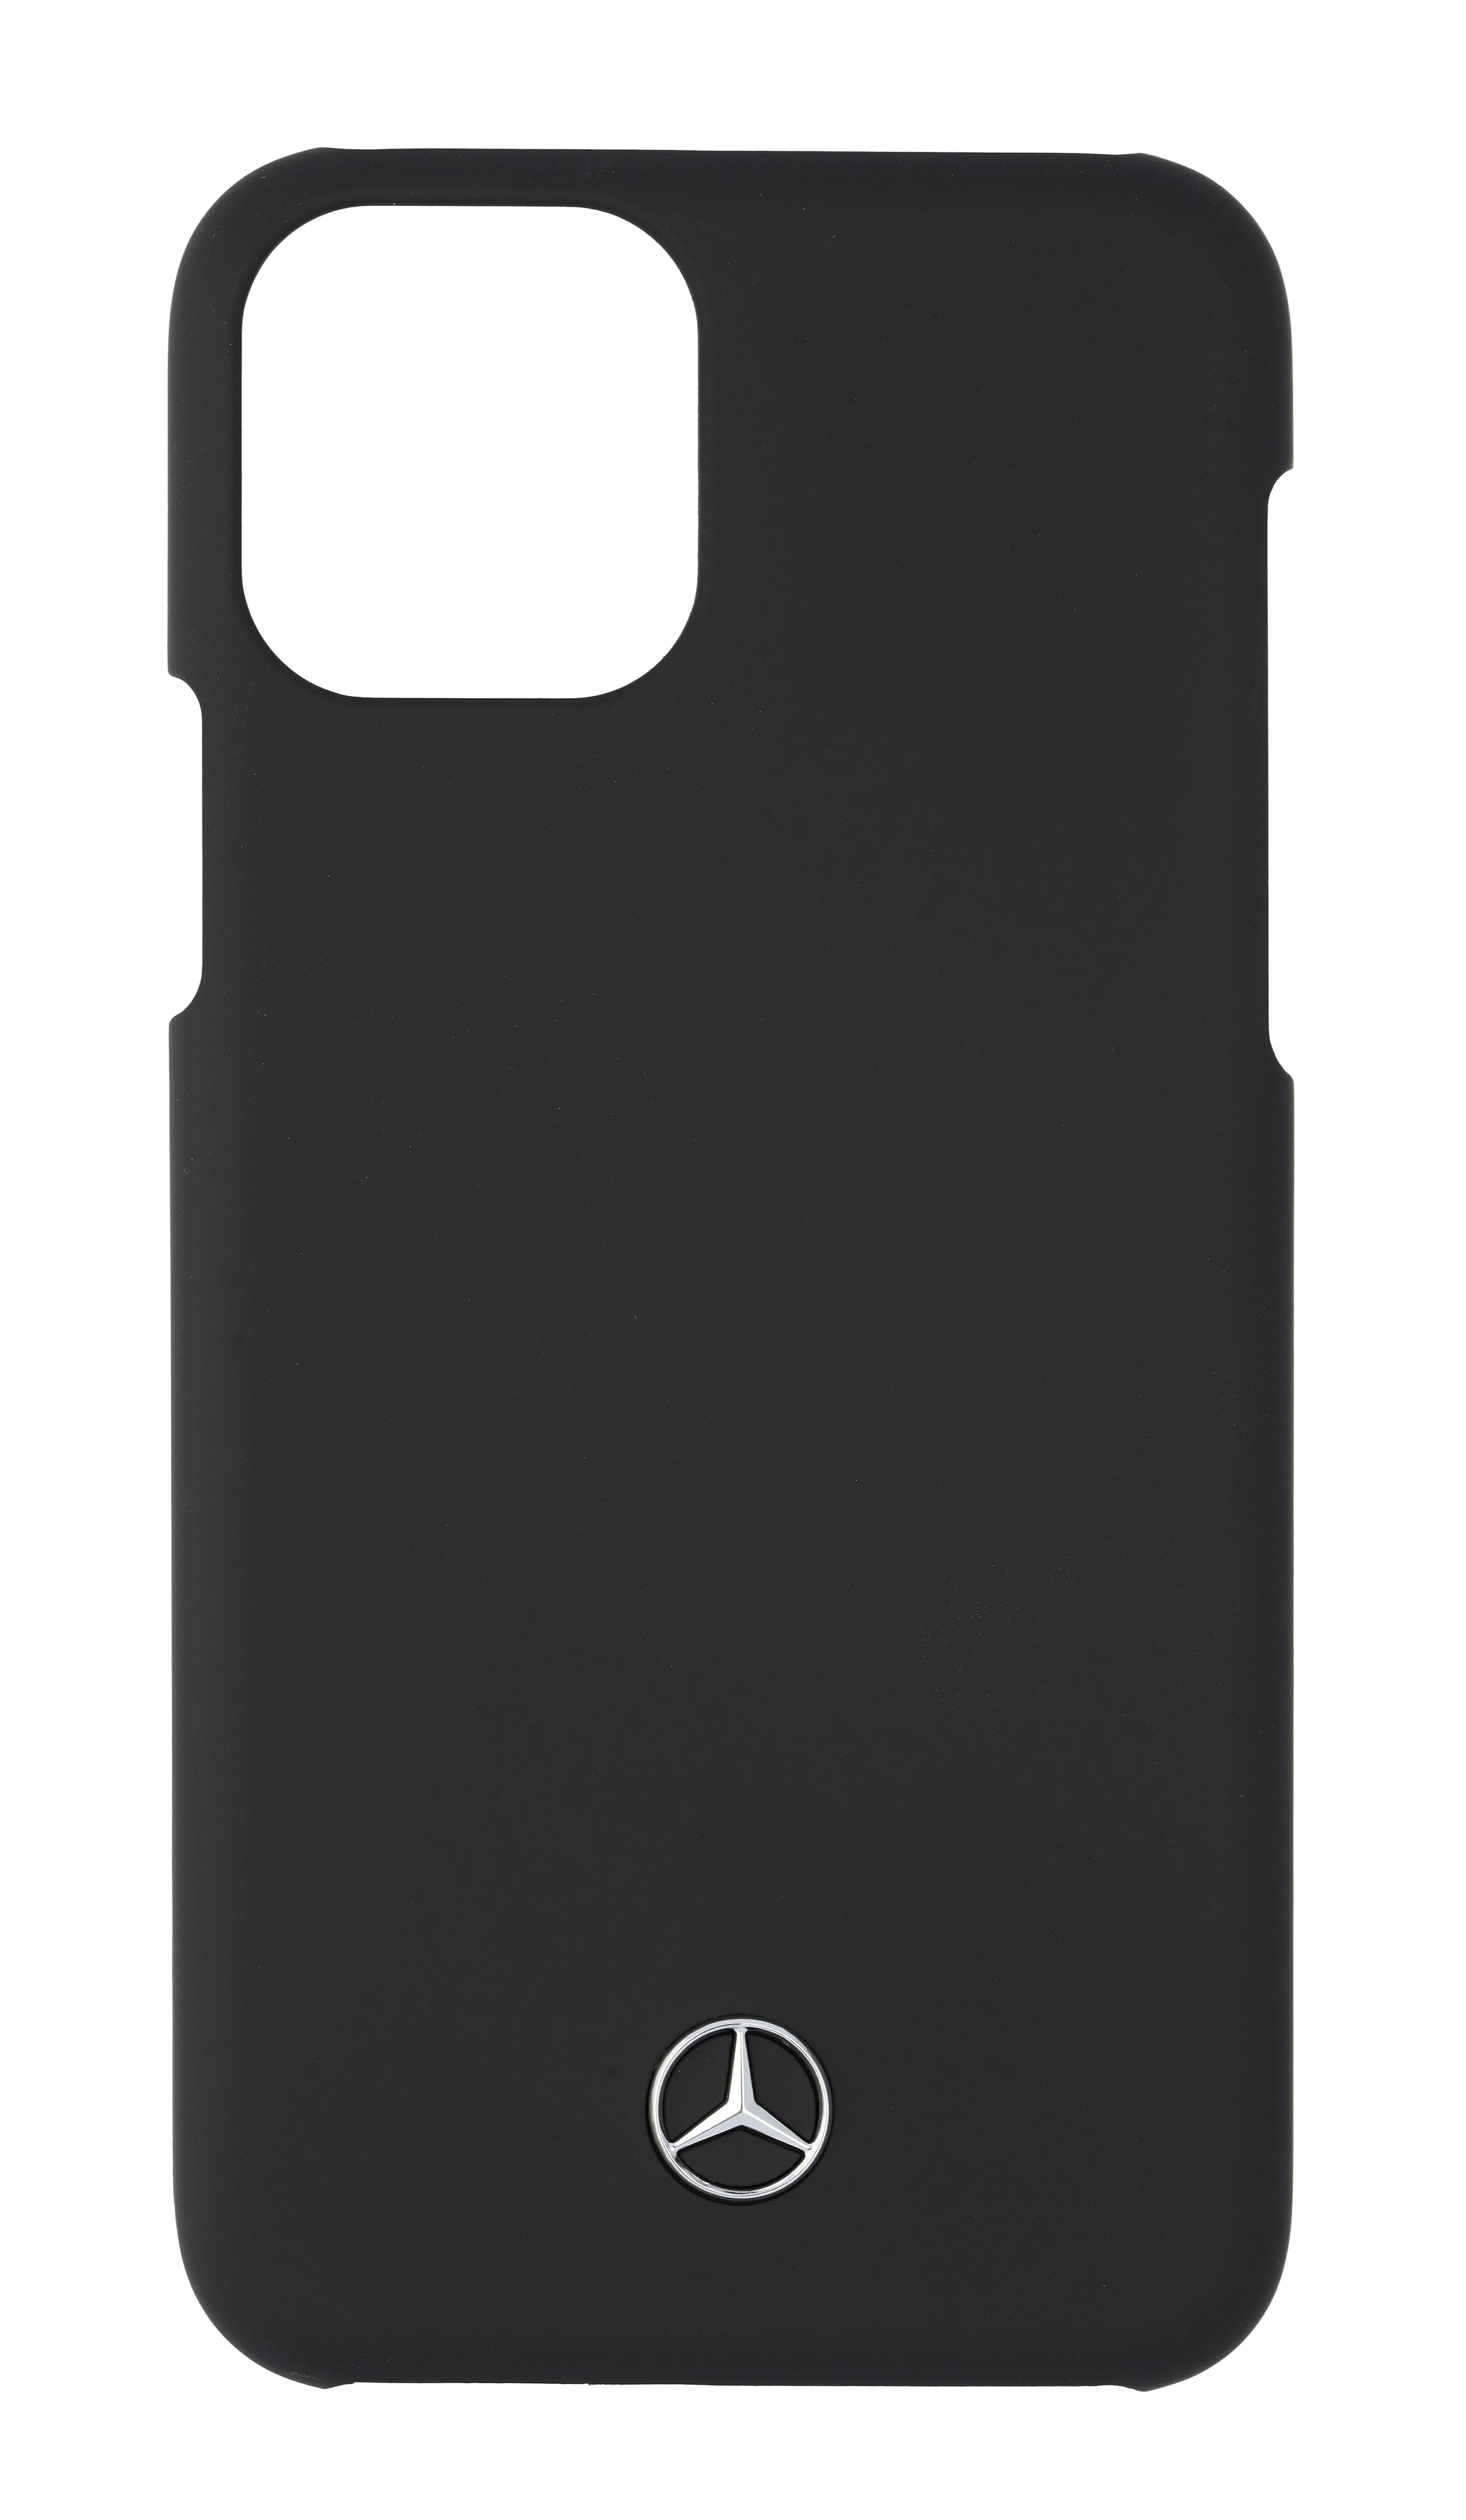 Hoes voor iPhone® 11 Pro